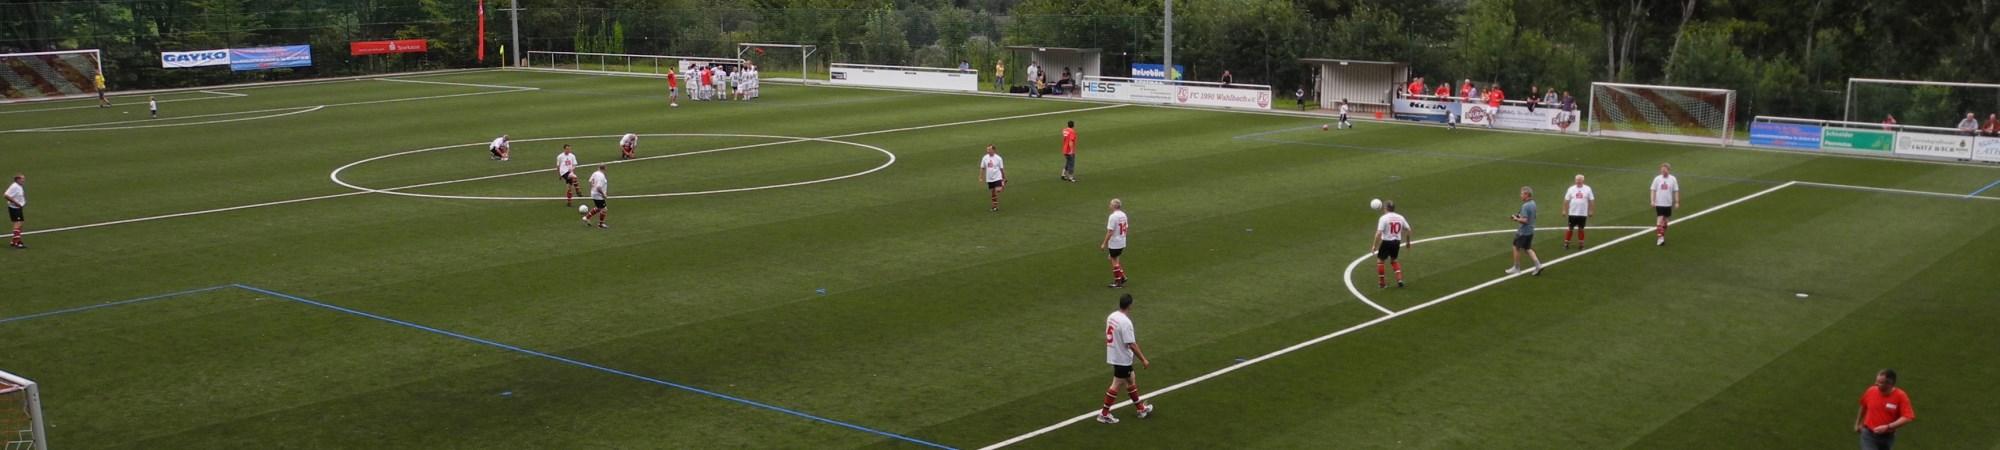 Der Fußballplatz in Wahlbach